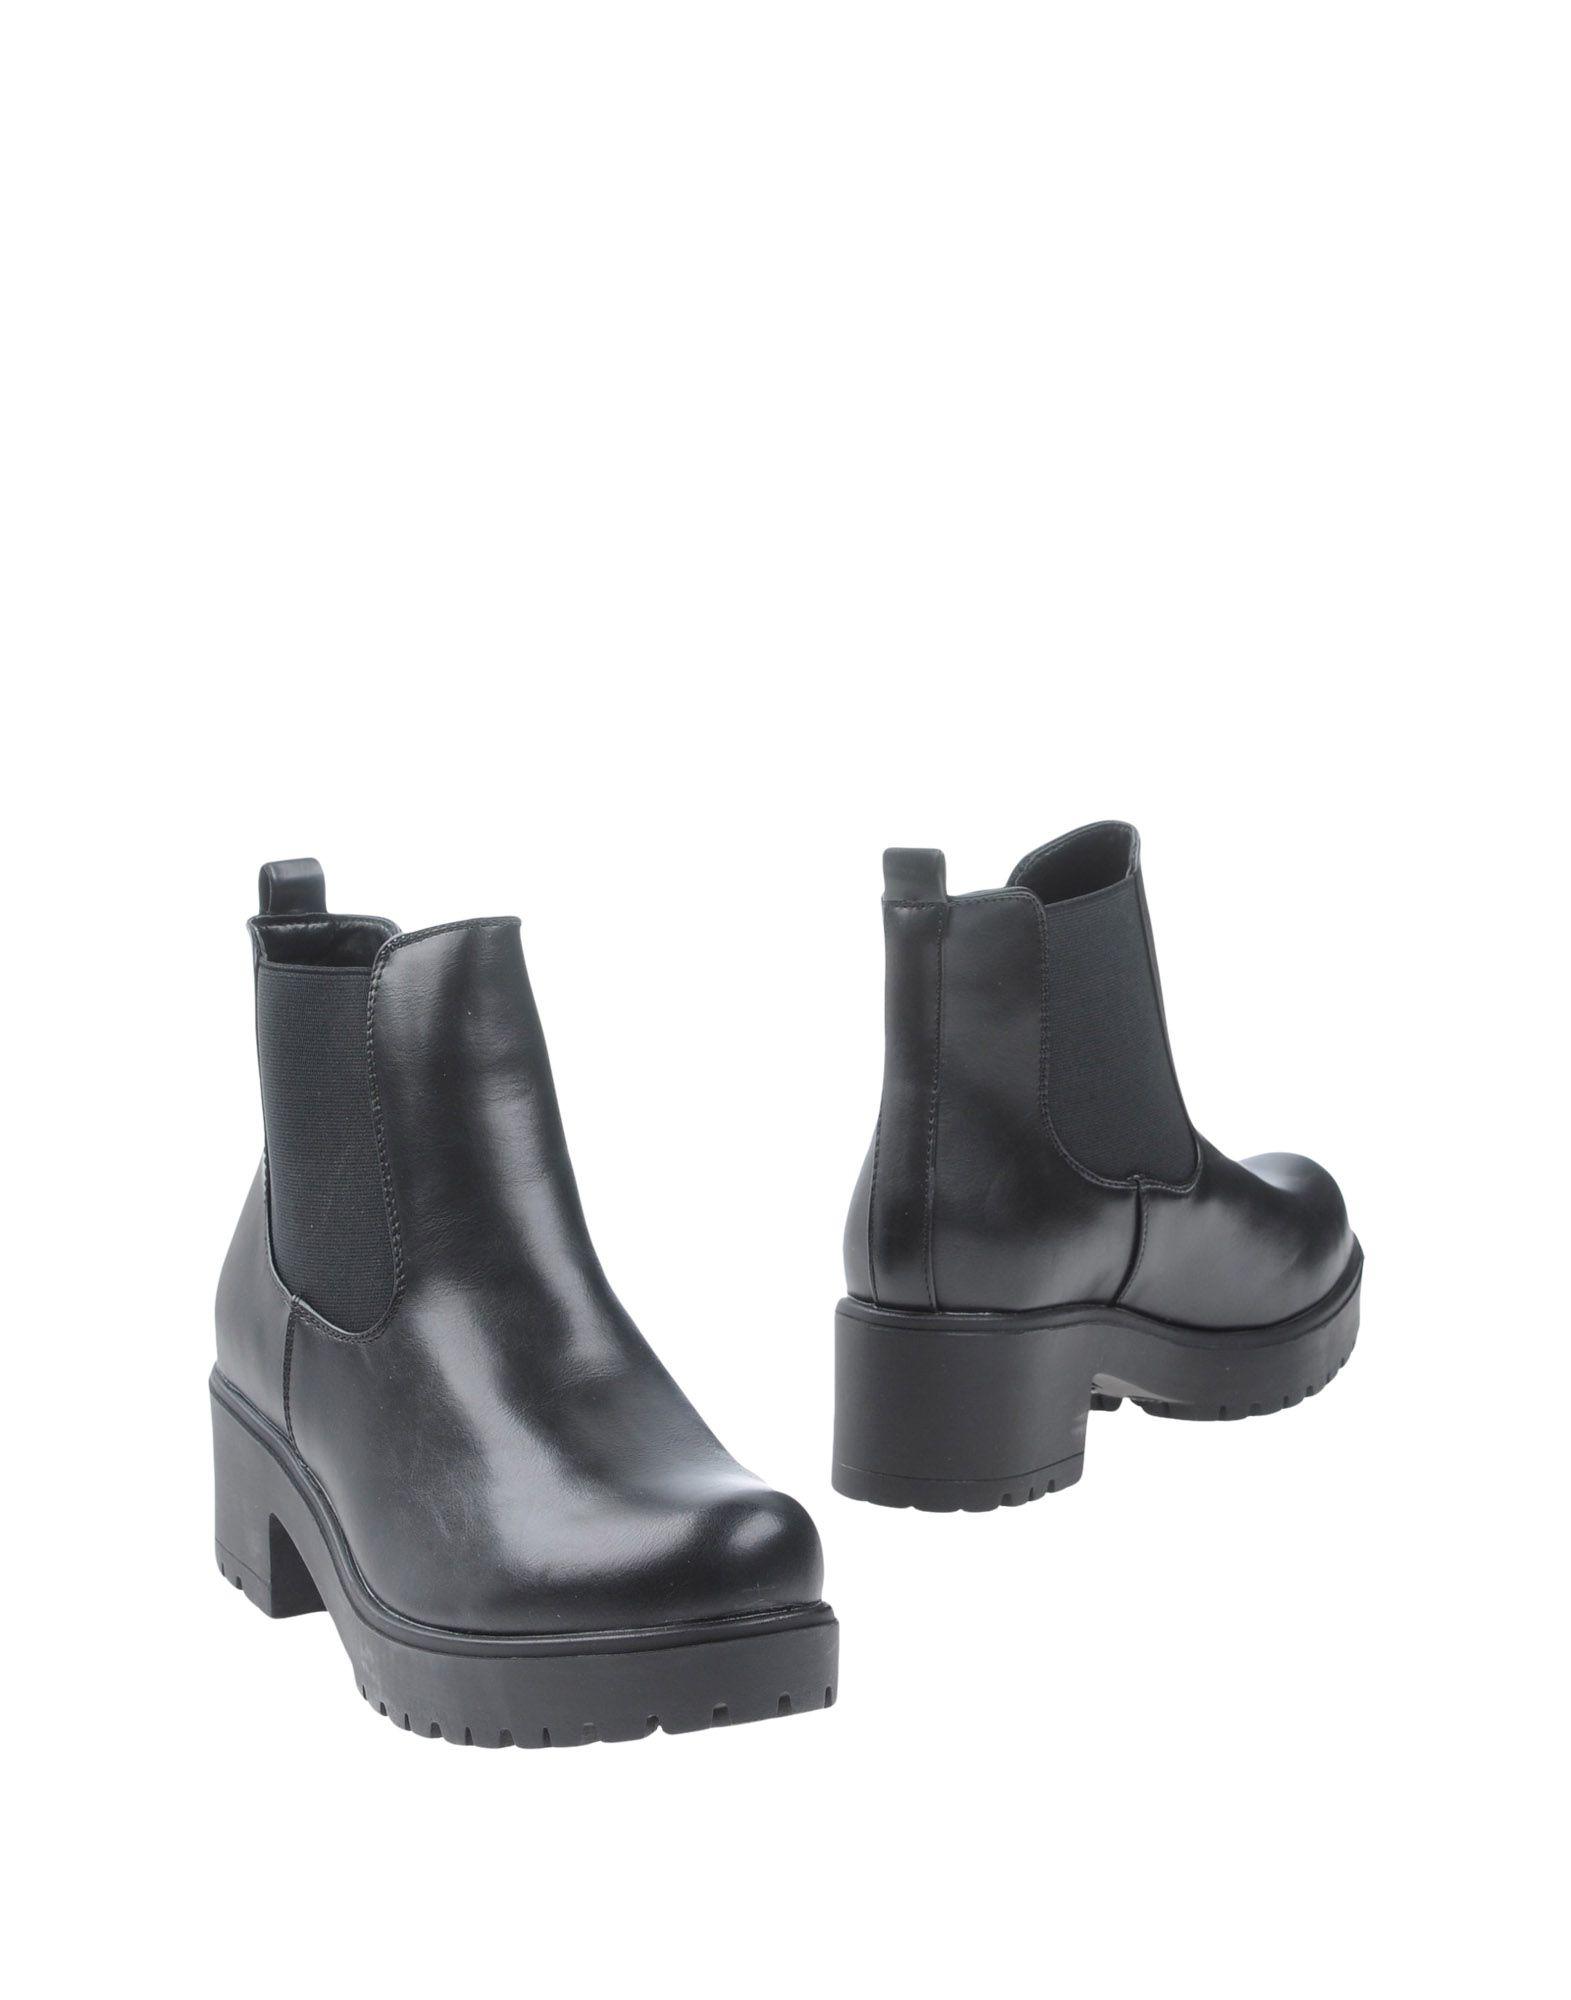 PRIMADONNA Полусапоги и высокие ботинки купить футбольную форму челси торрес